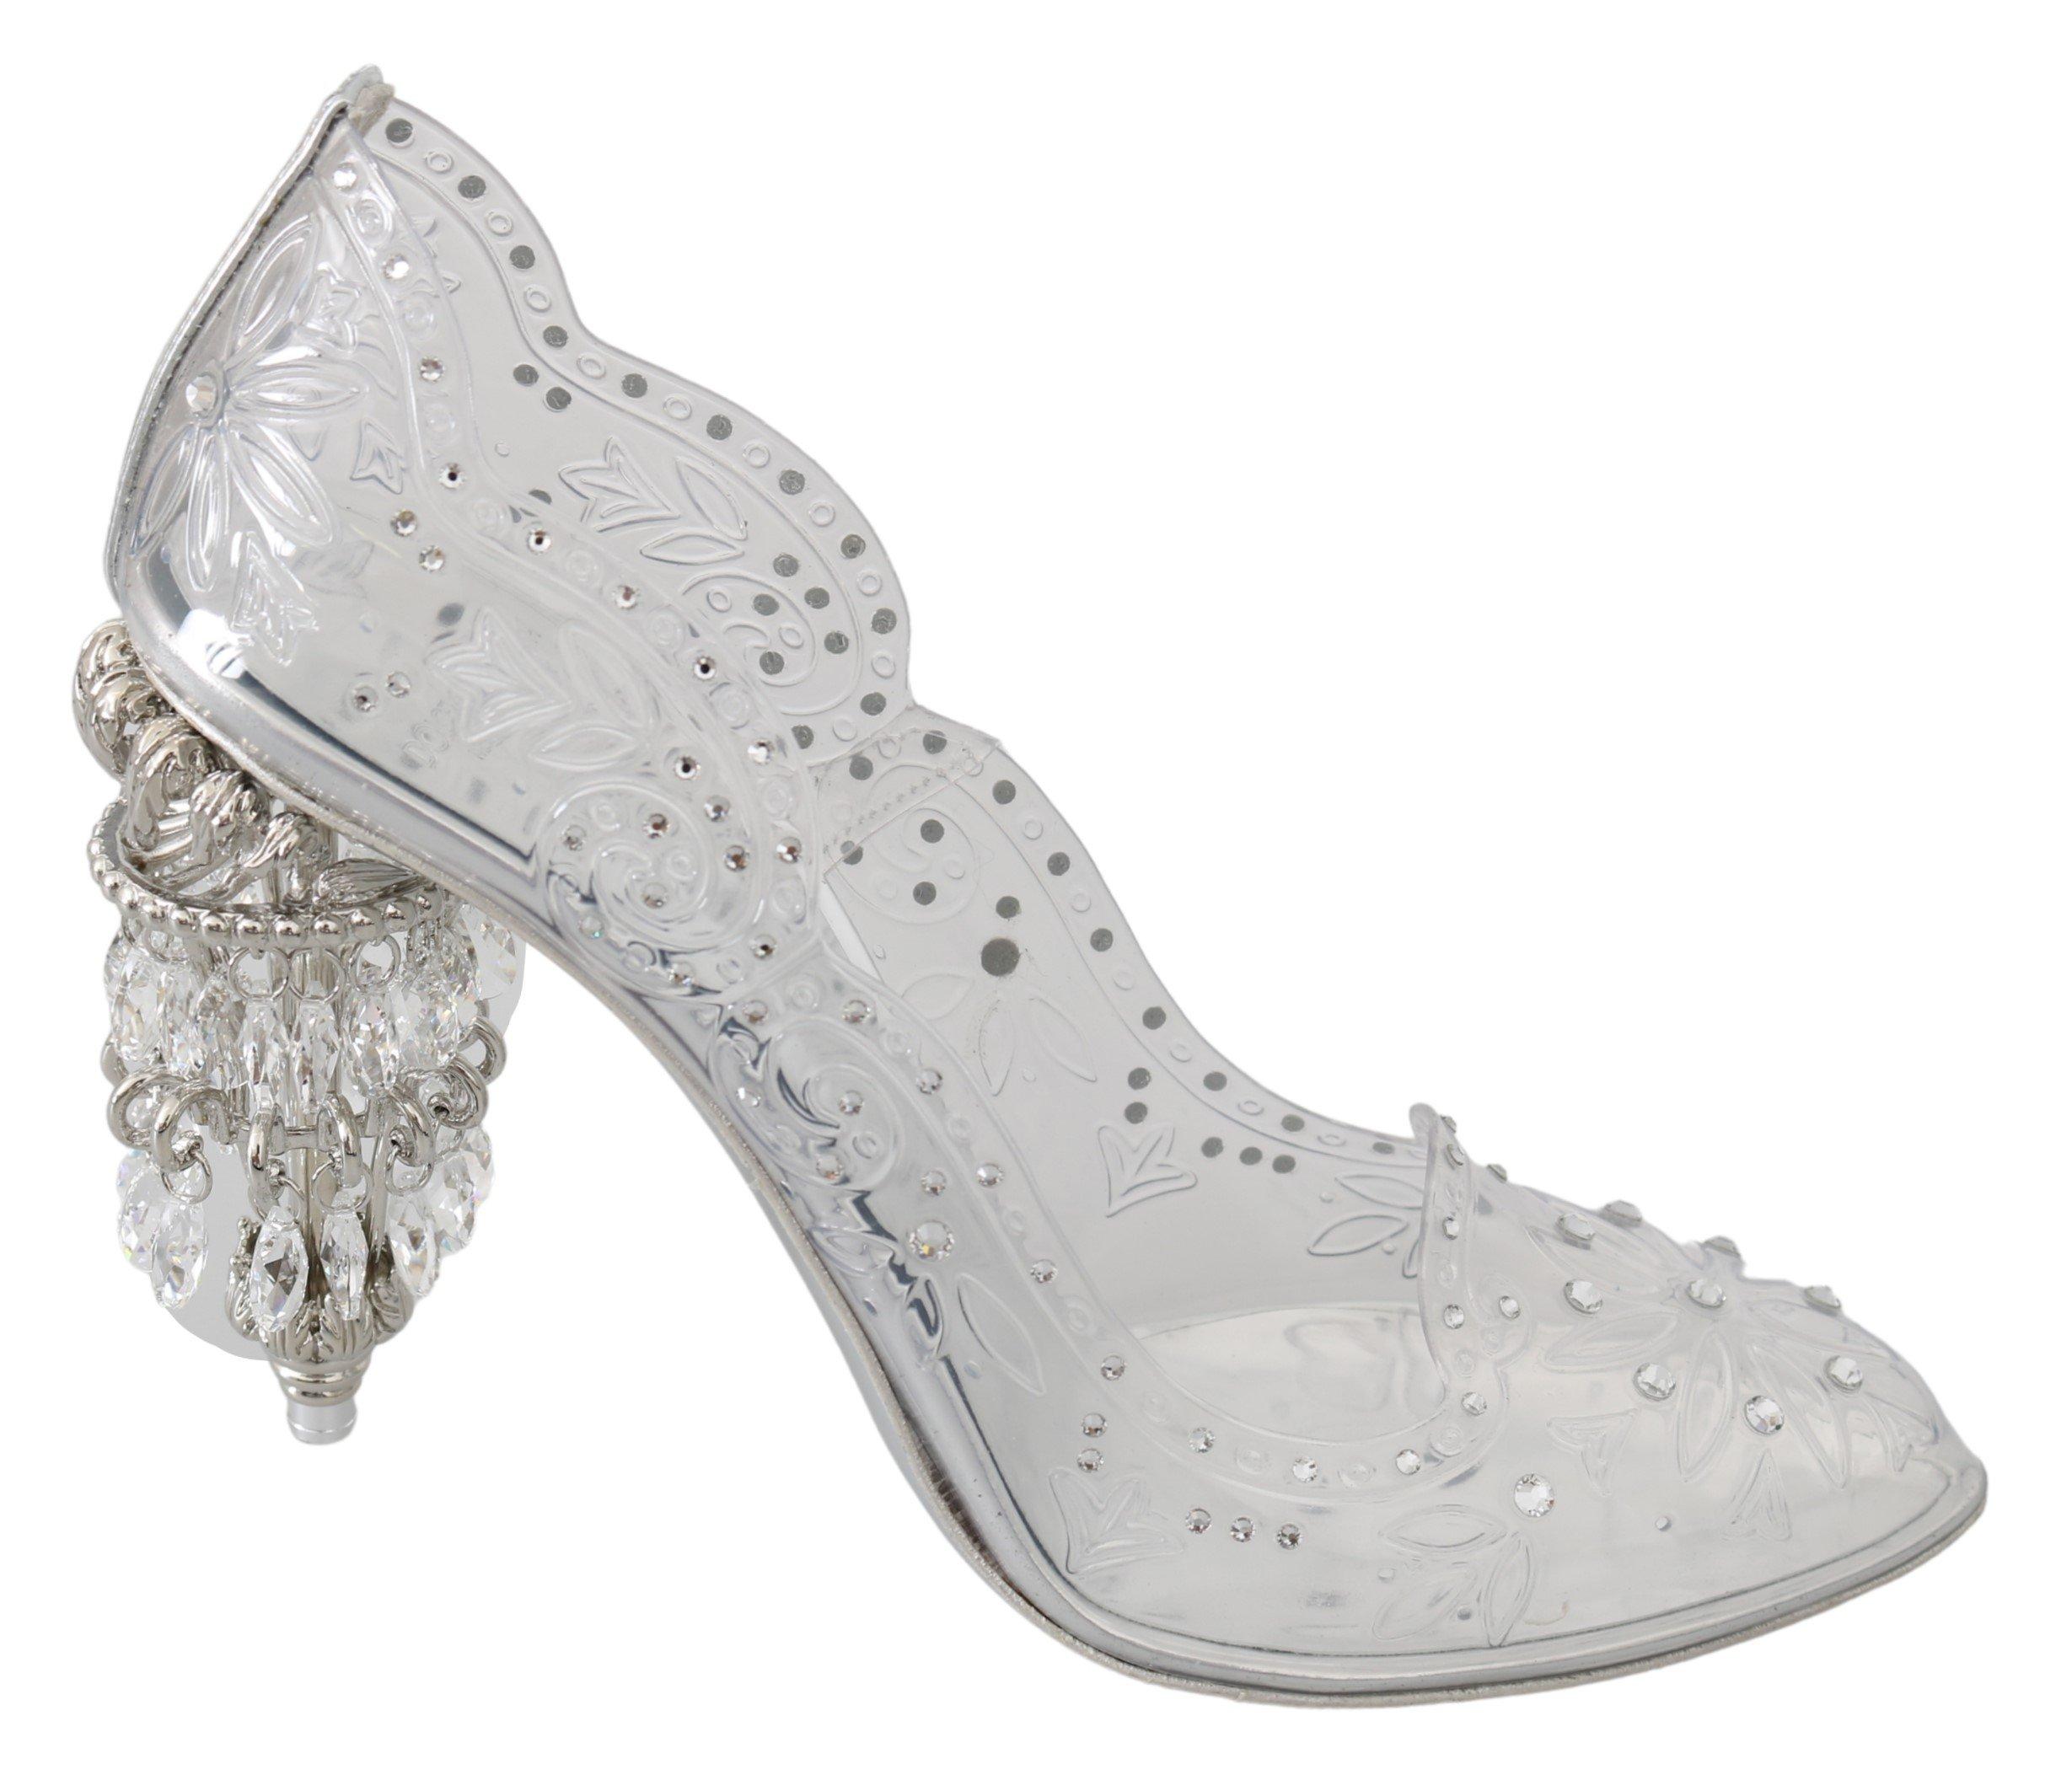 Dolce & Gabbana Women's Crystal CINDERELLA Pumps Transparent LA7523 - EU38/US7.5